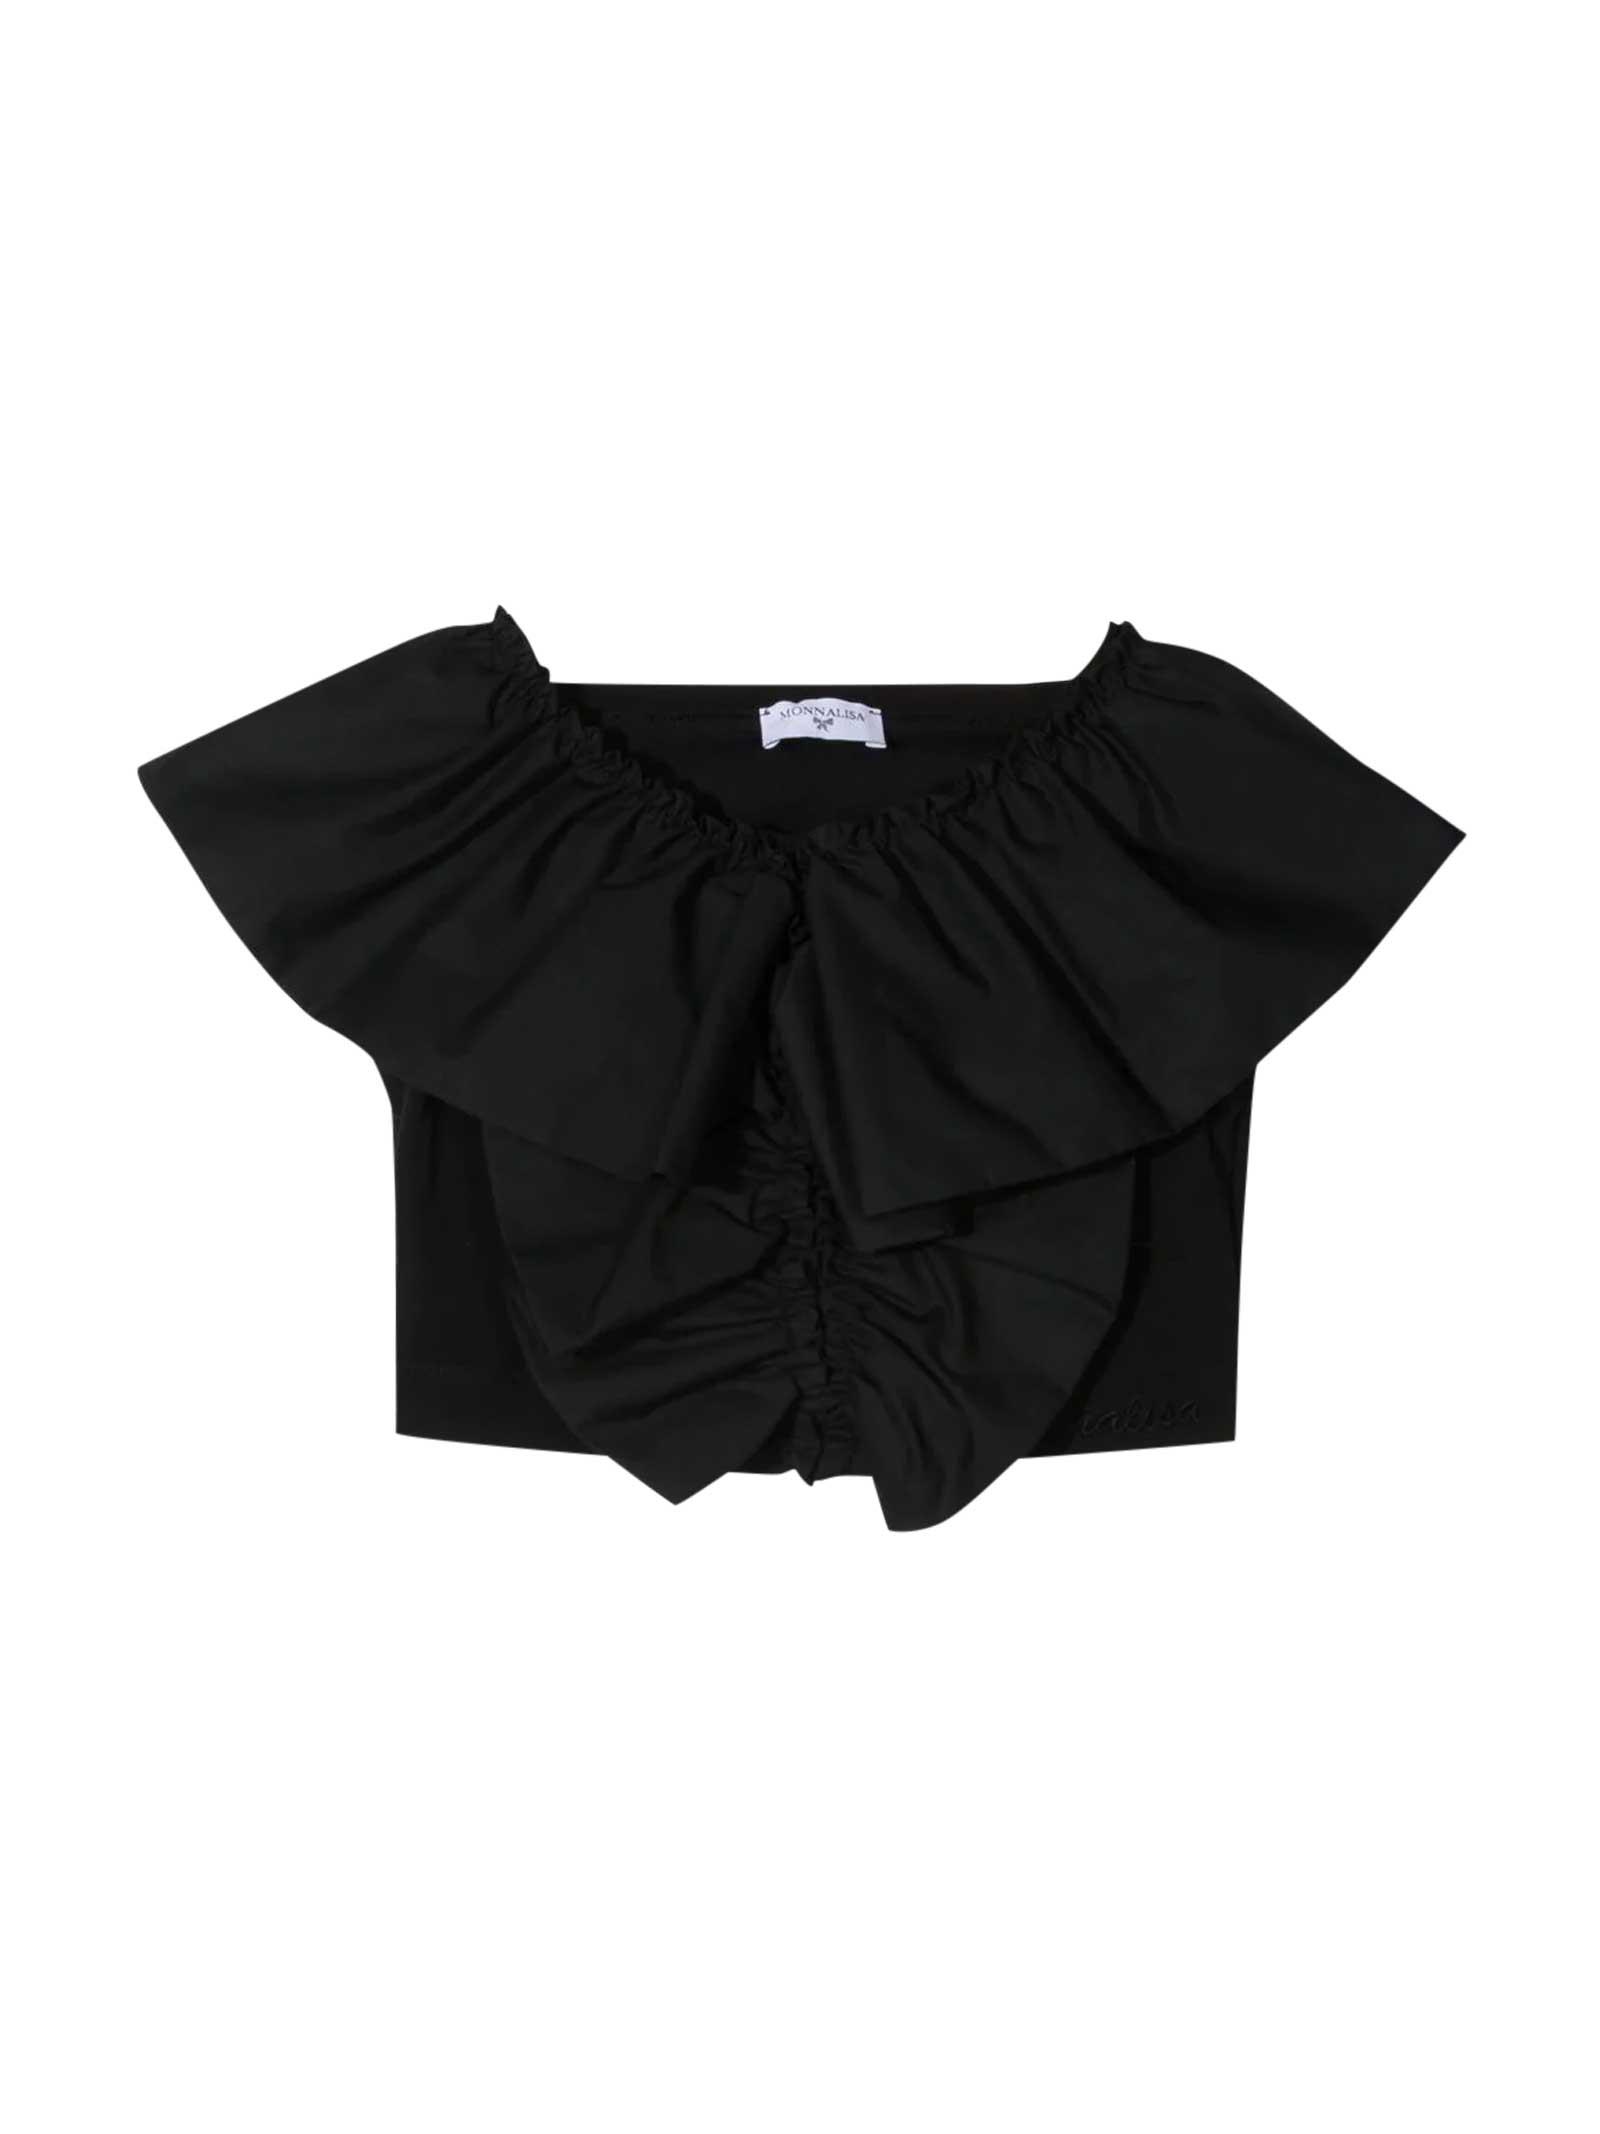 Monnalisa BLACK TOP